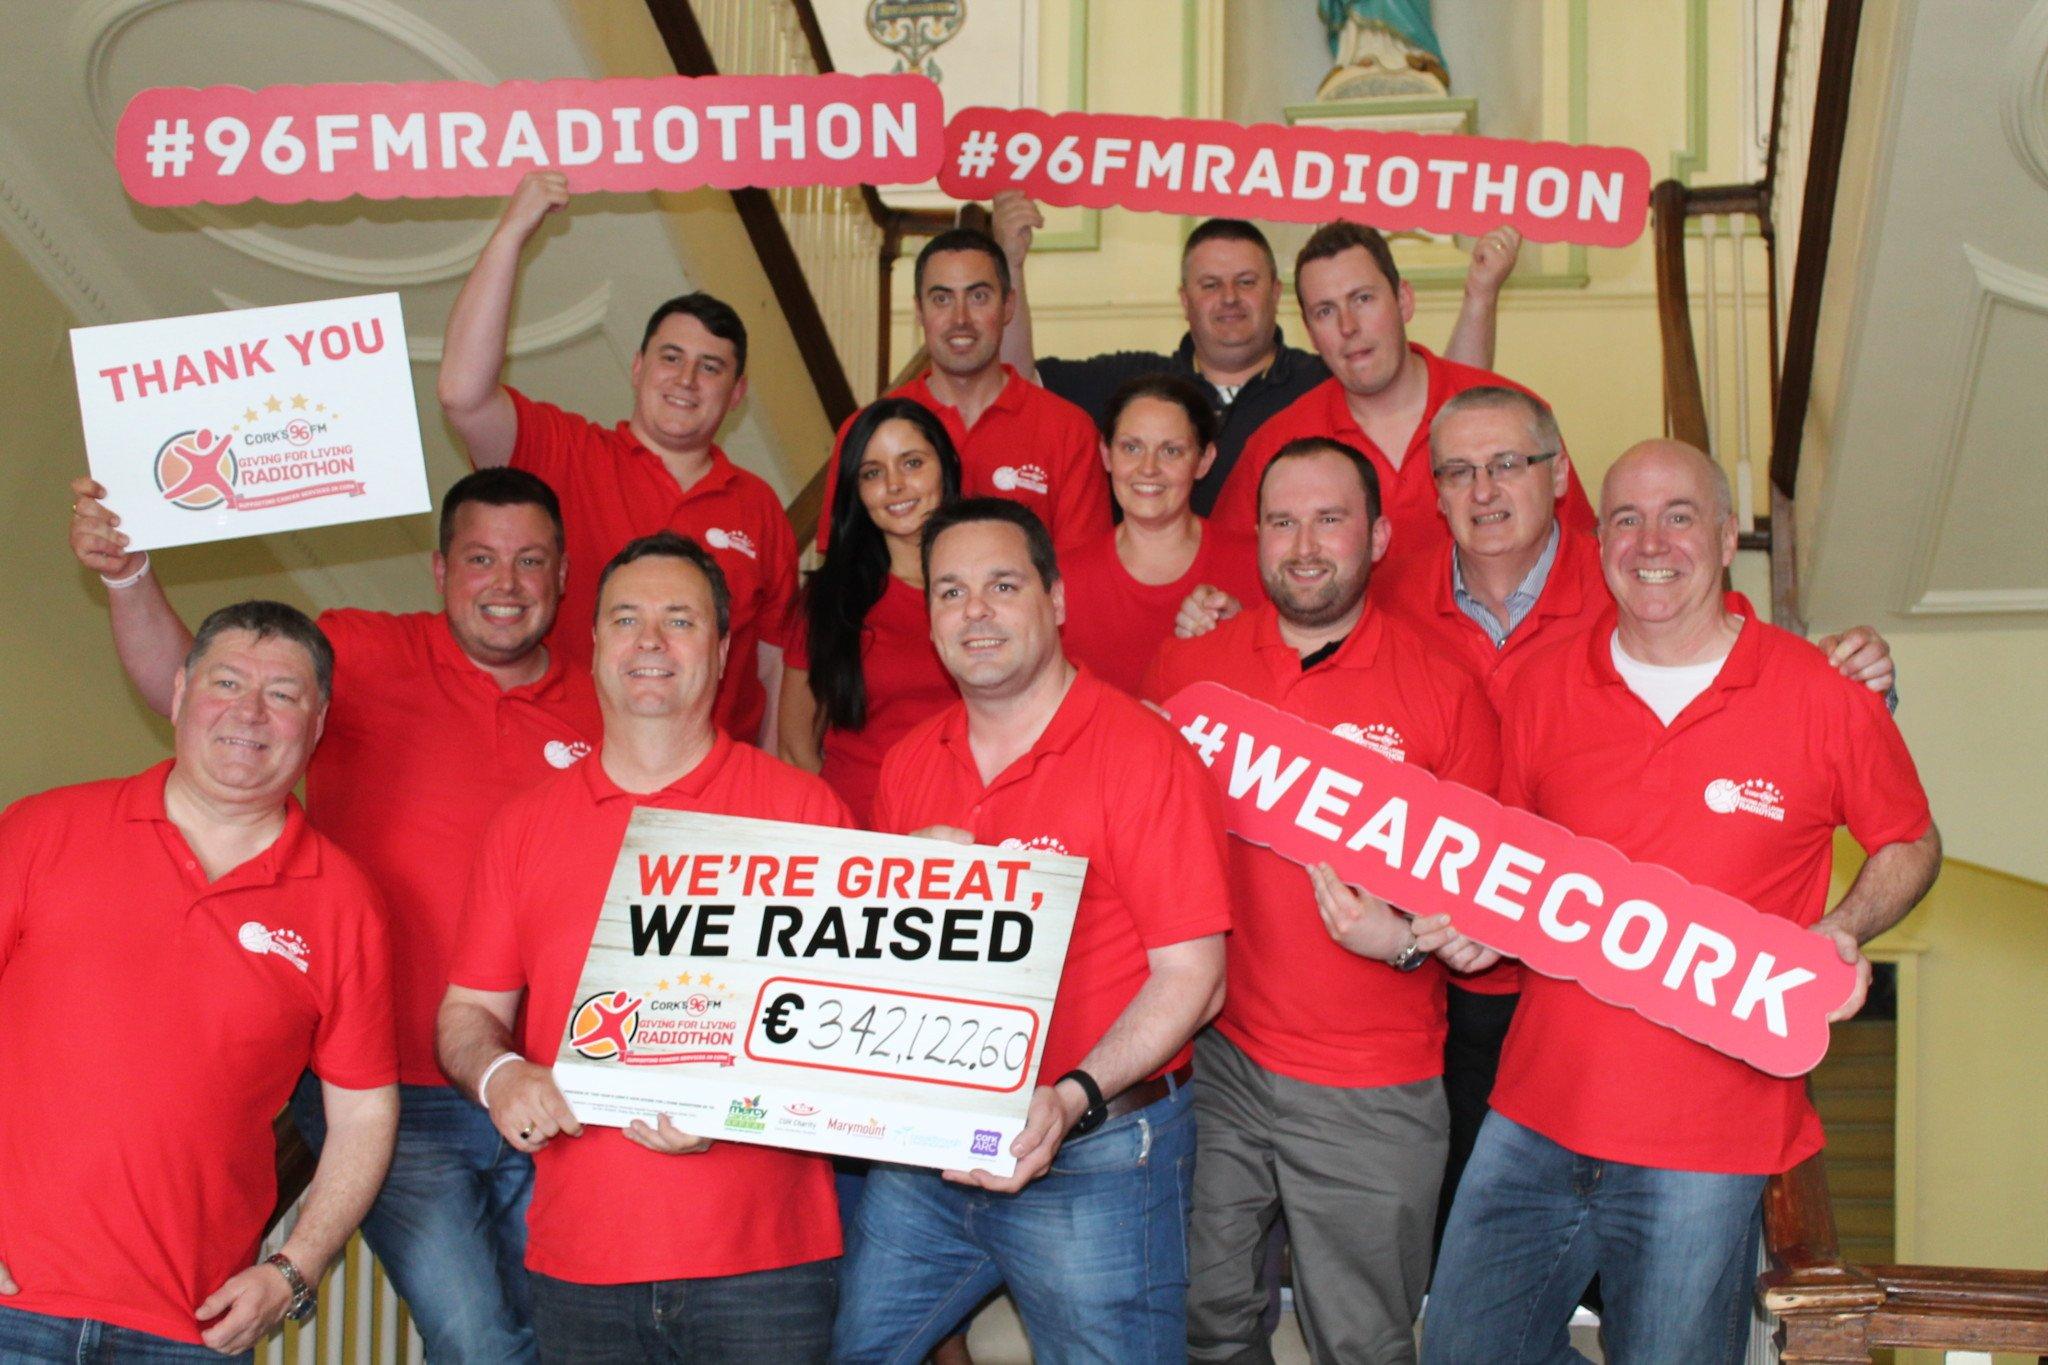 p5 Radiothon 96FM pic1